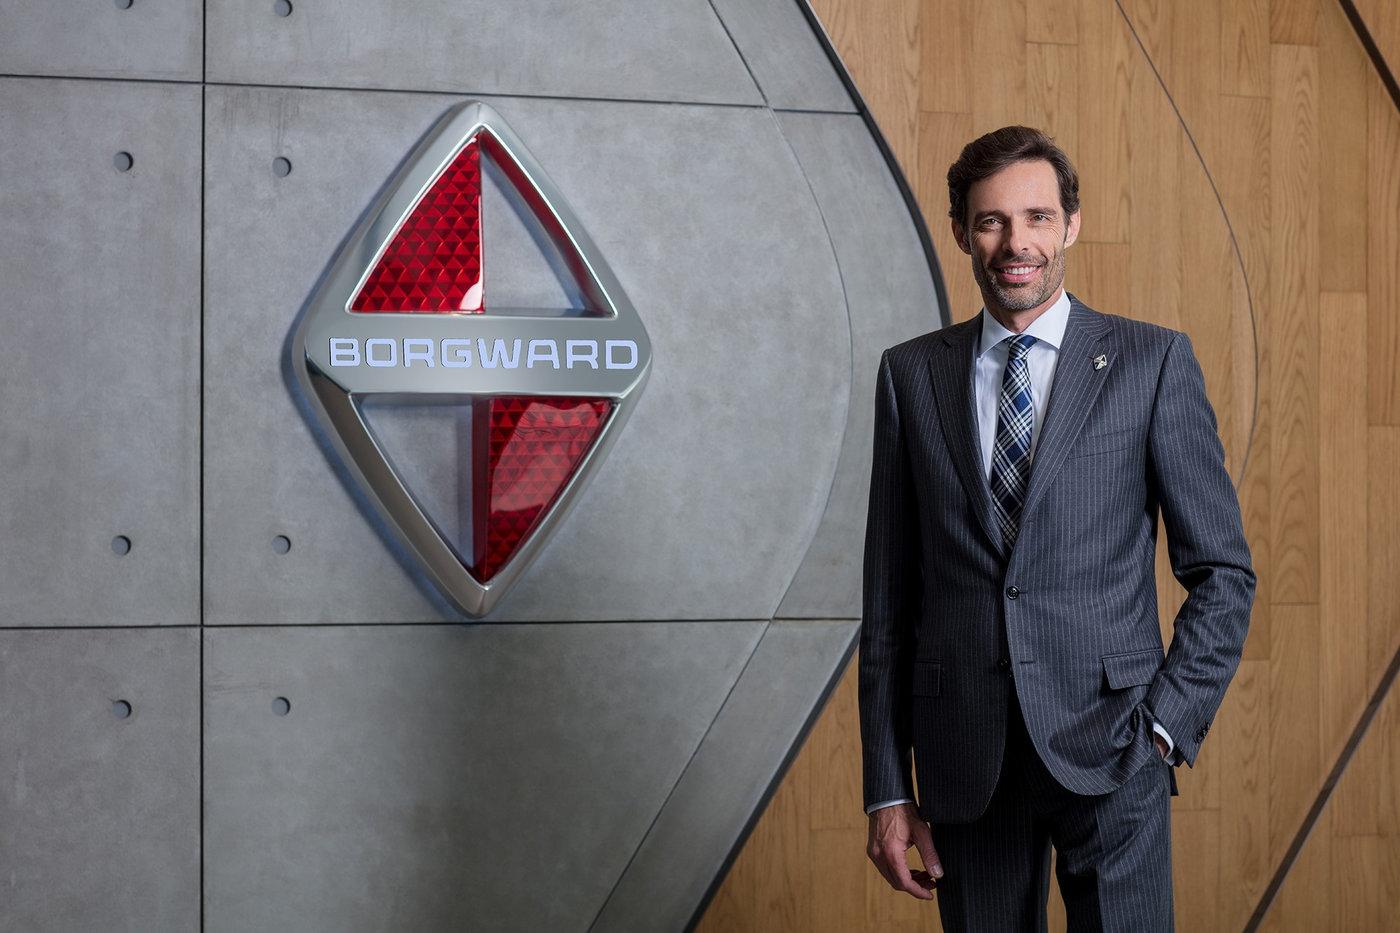 宝沃汽车集团管理董事兼首席技术官(CTO),分管宝沃汽车在北京、斯图加特、硅谷三地的研发中心。